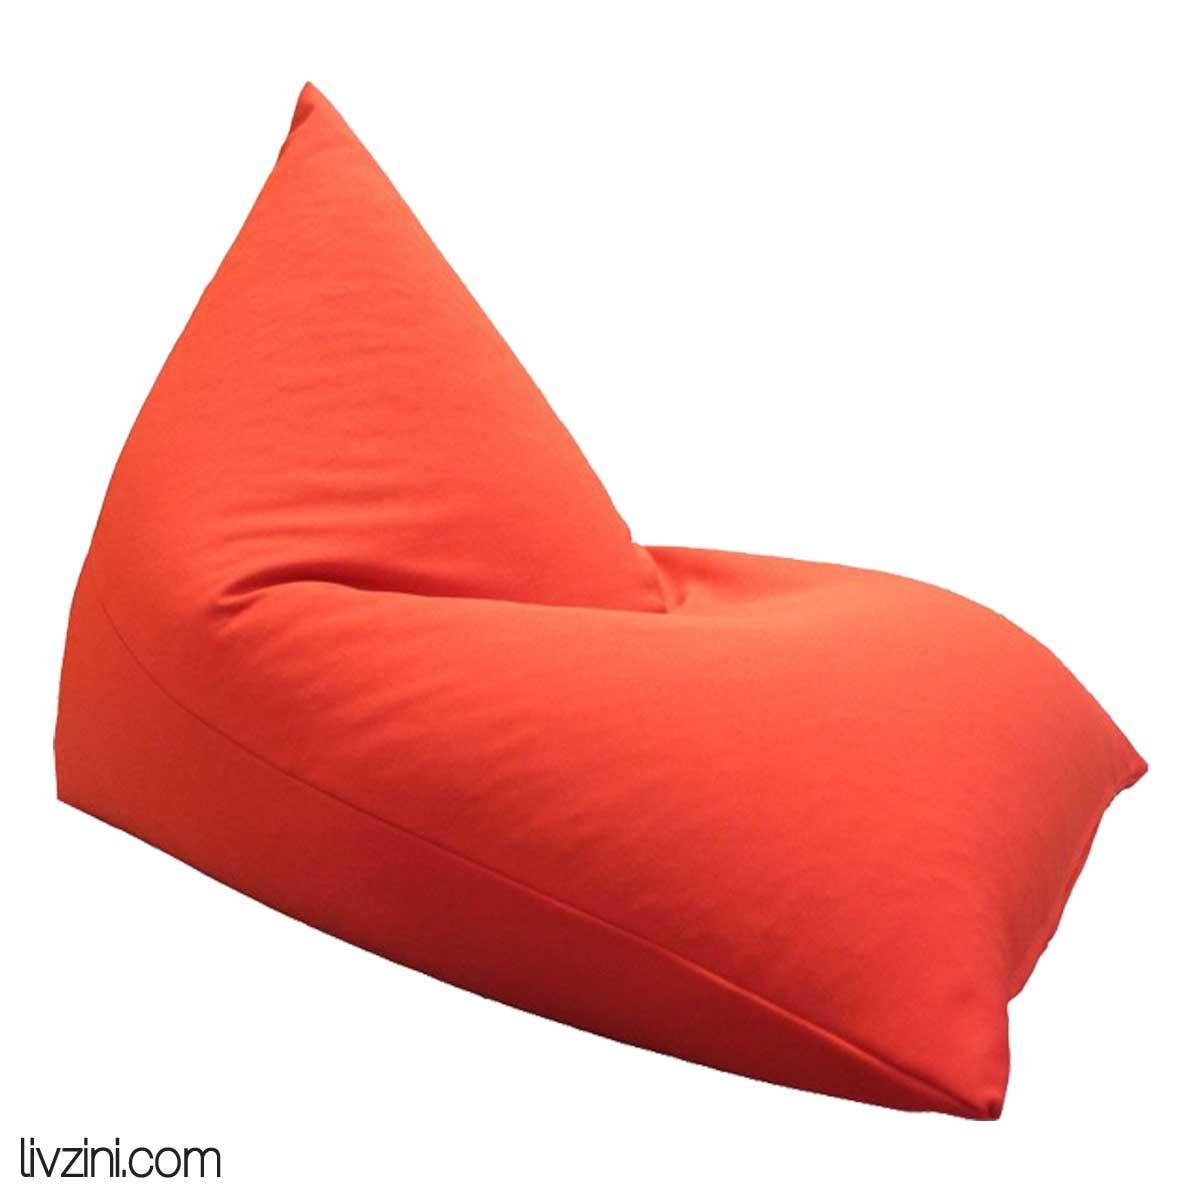 sofa cover / sarung bean bag treanggel termurah polyster / bantal / kursi santai / kursi tanpa rangka / bayar ditempat / bean bag COD